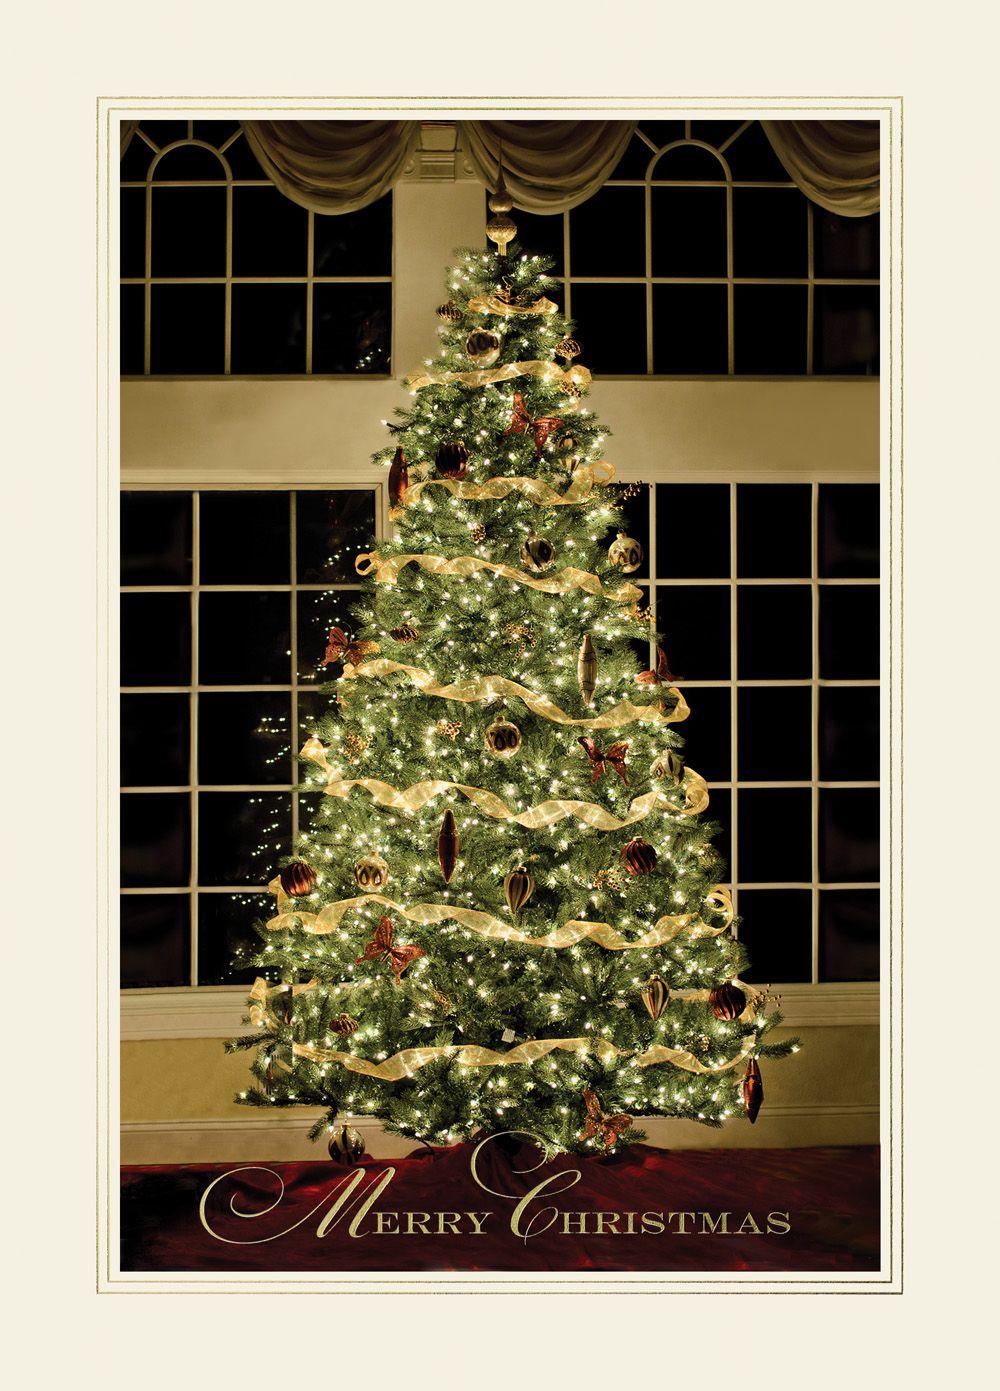 O christmas tree holiday greeting card your company name here o christmas tree holiday greeting card your company name here m4hsunfo